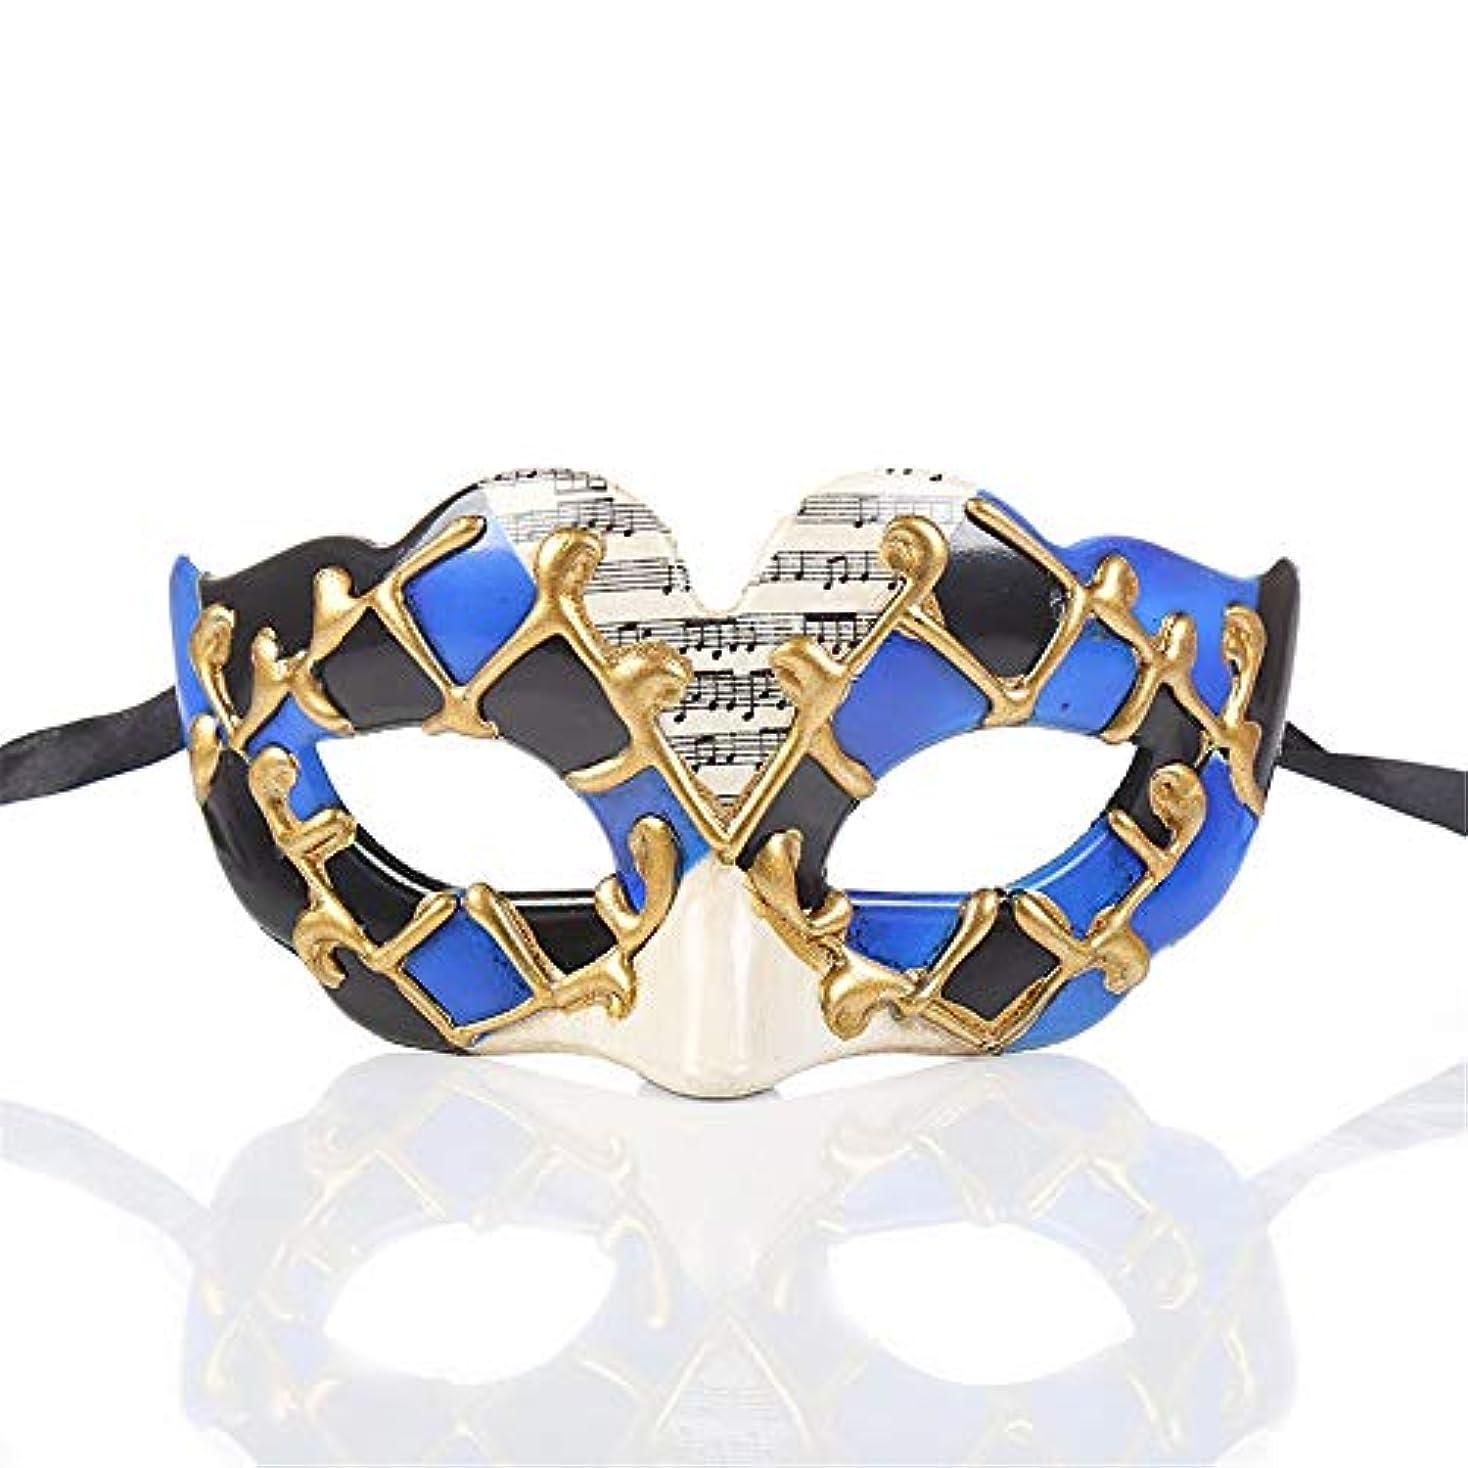 気絶させる根拠振るダンスマスク パーティーCospalyマスクハロウィーンマスカレードデコレーションマスクフェスティバルプラスチックマスク ホリデーパーティー用品 (色 : 青, サイズ : 14.5x7.5cm)